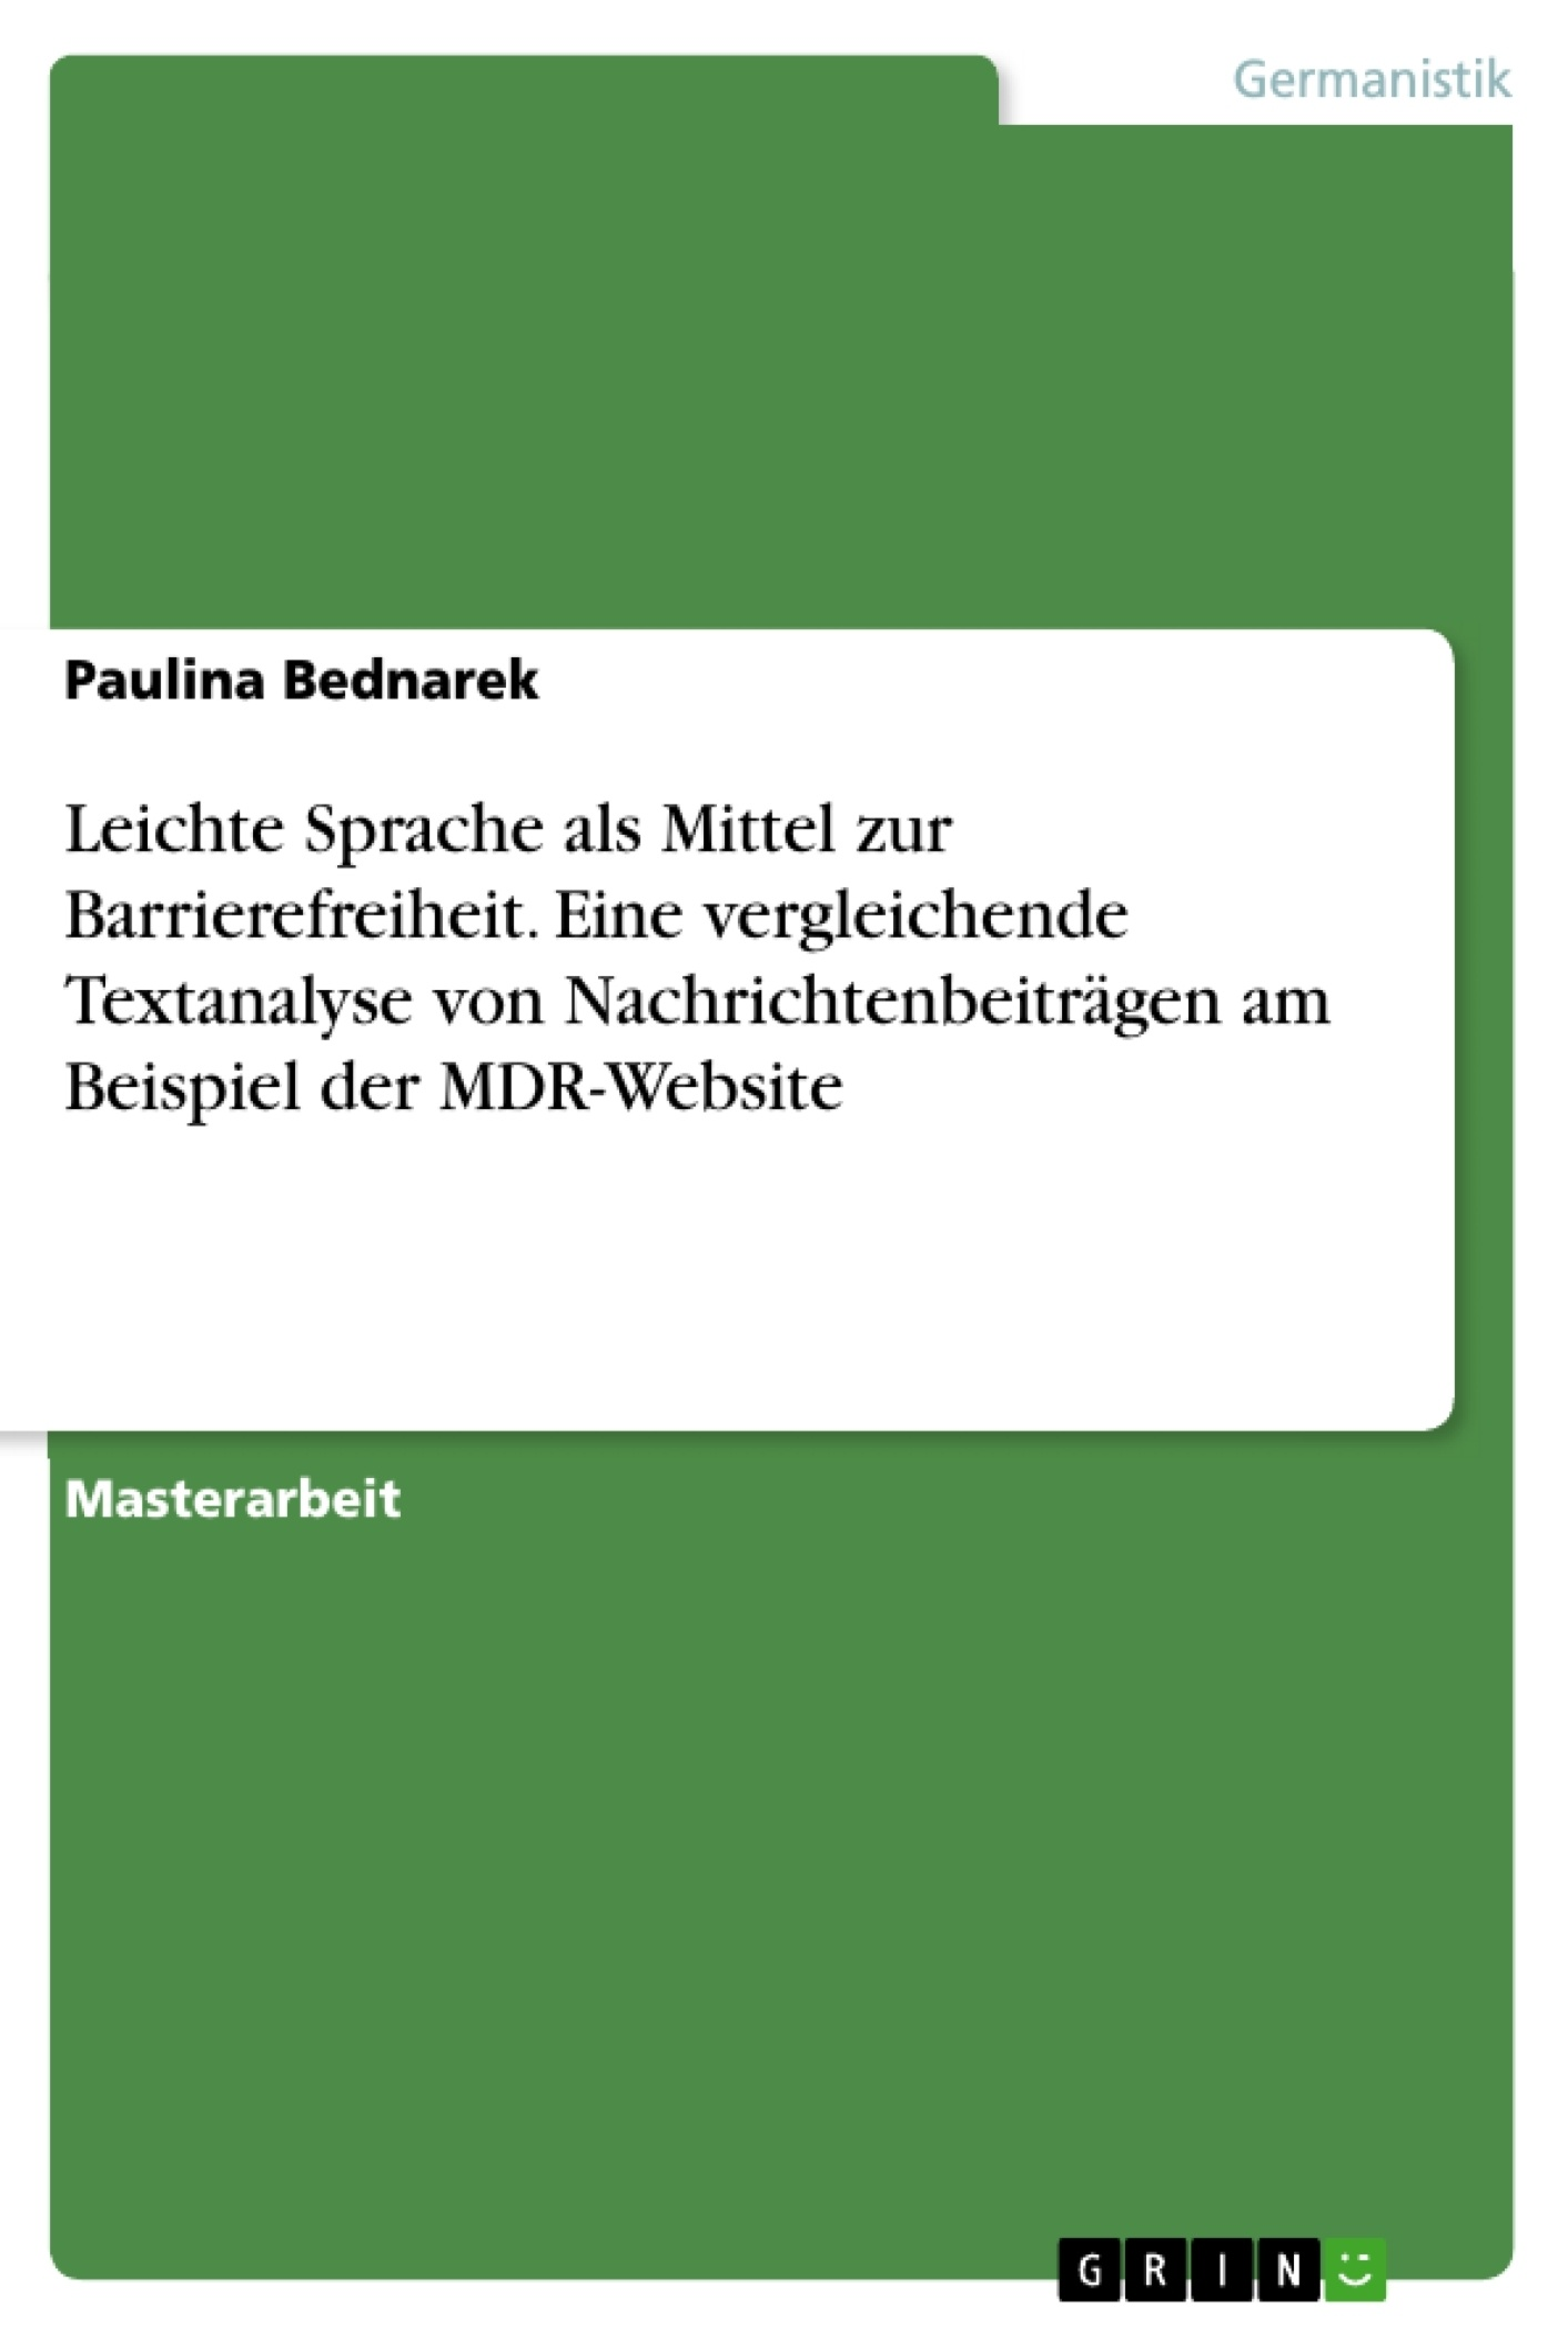 Titel: Leichte Sprache als Mittel zur Barrierefreiheit. Eine vergleichende Textanalyse von Nachrichtenbeiträgen am Beispiel der MDR-Website